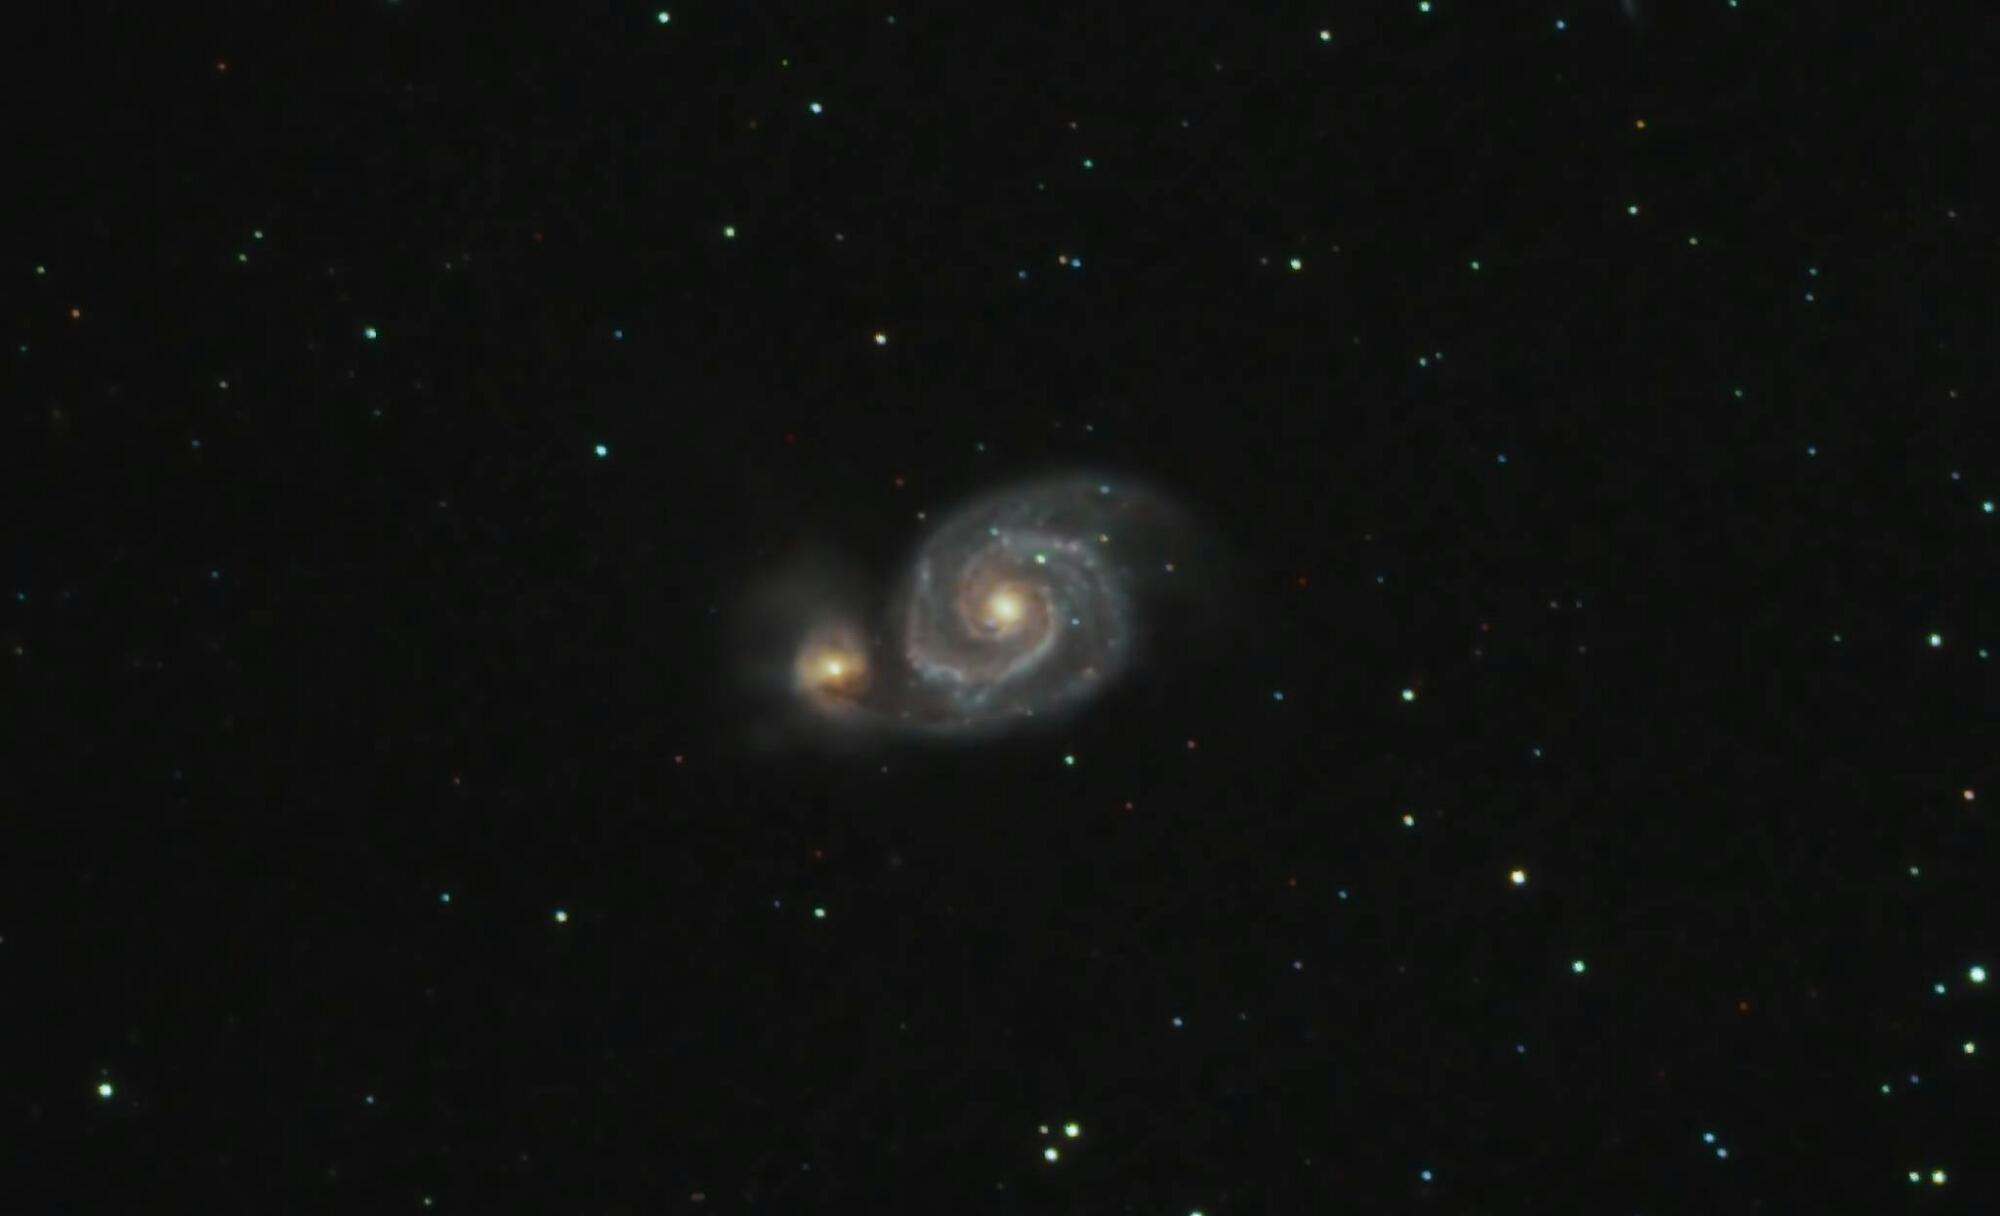 صورة جميلة للمجرة M51.